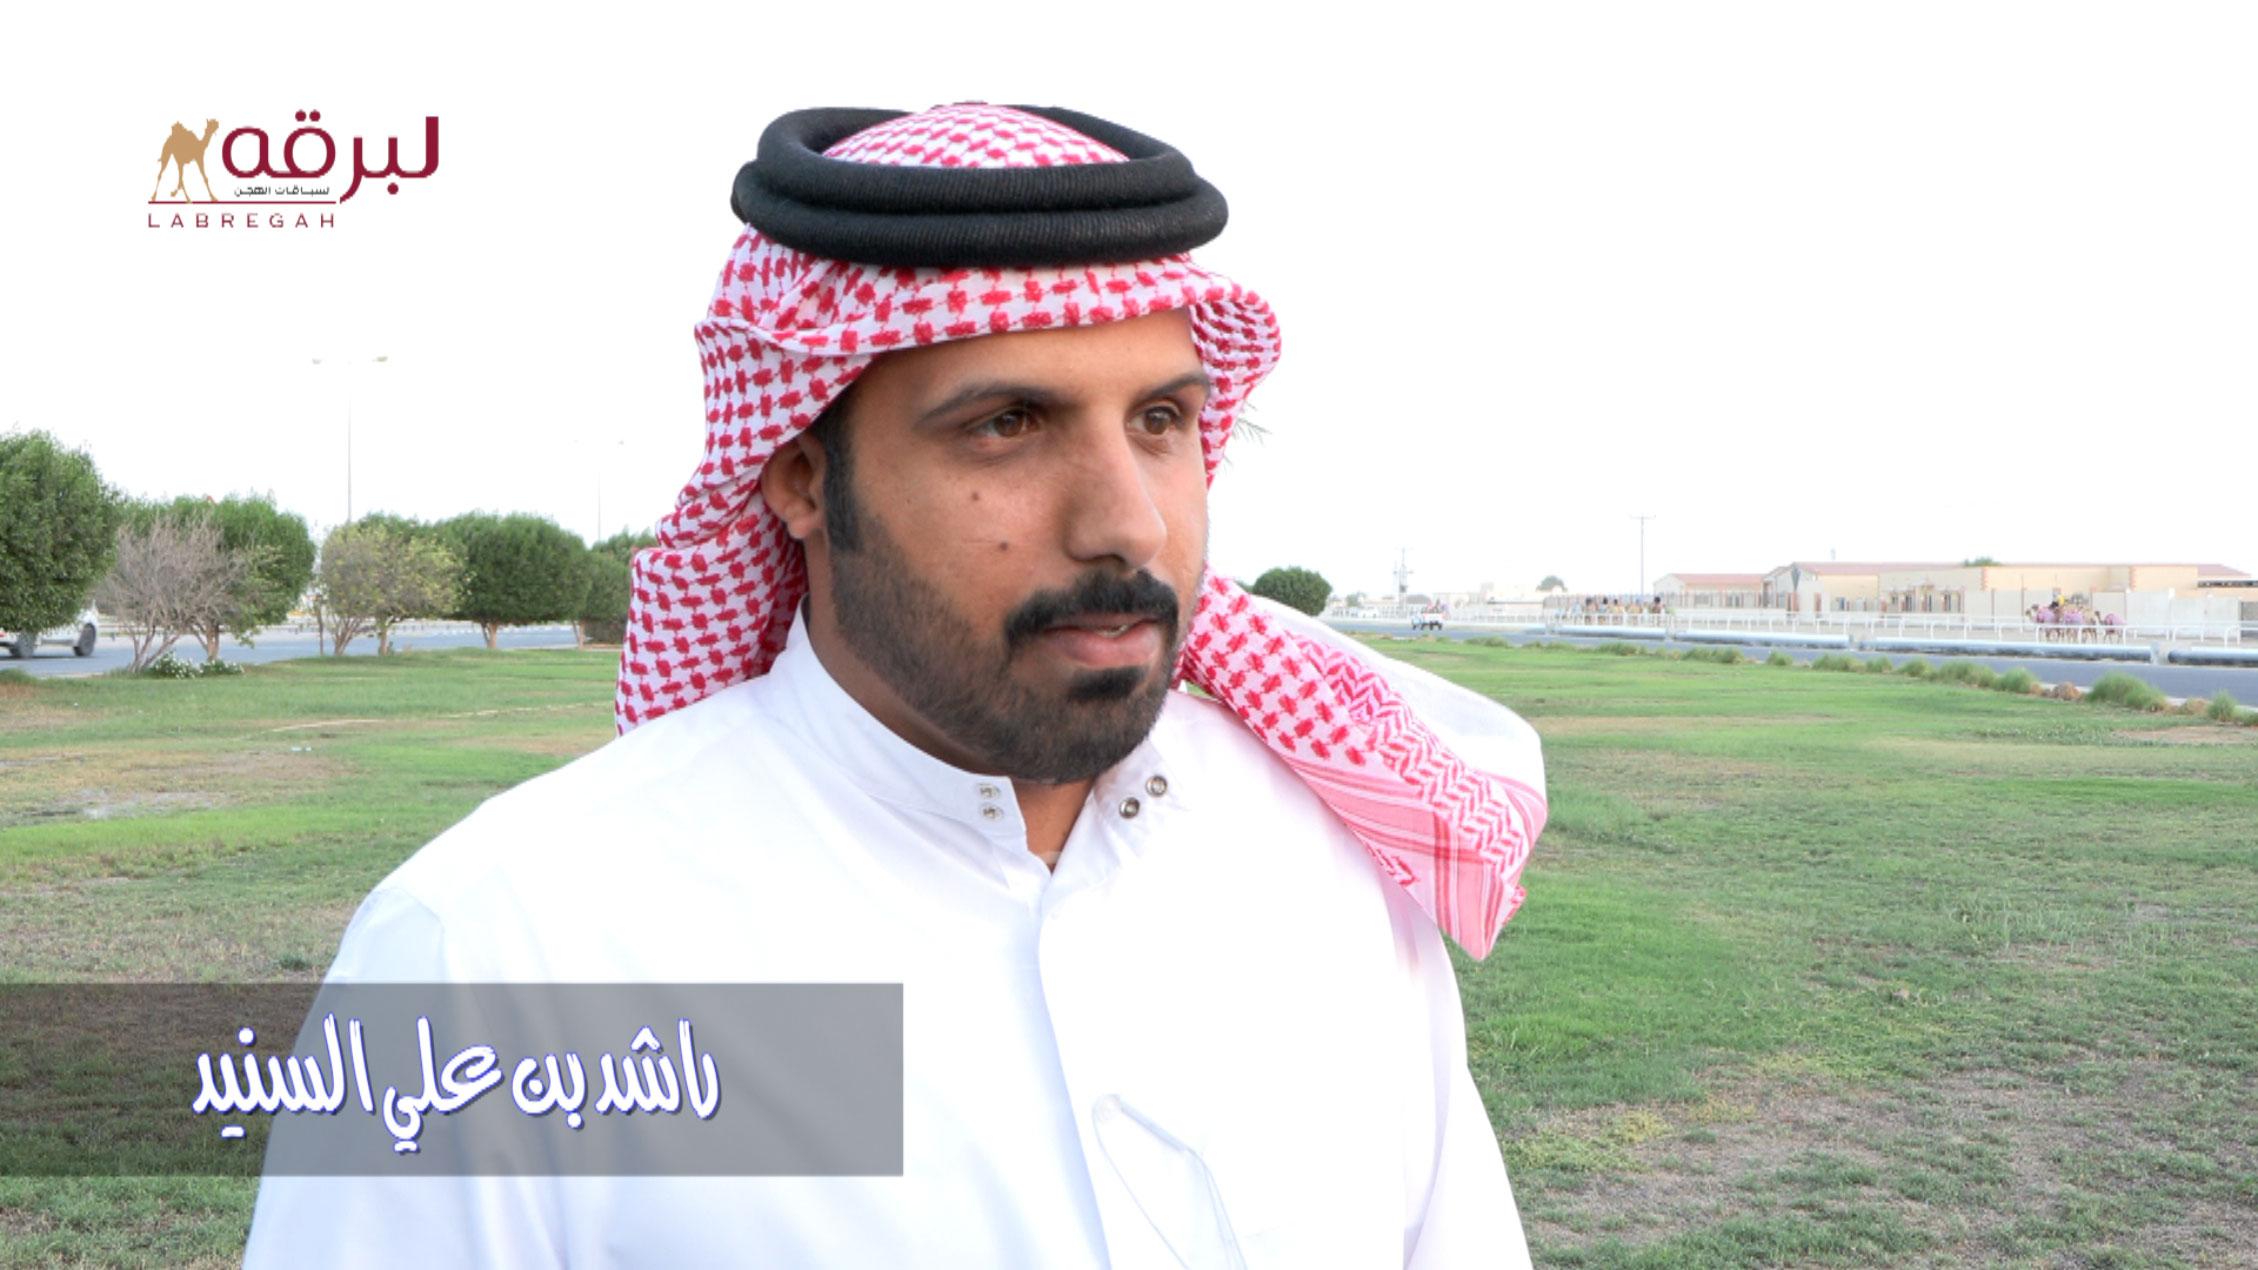 لقاء مع راشد بن علي السنيد.. الشوط الرئيسي للجذاع قعدان (إنتاج) الأشواط العامة  ٩-١٠-٢٠٢١